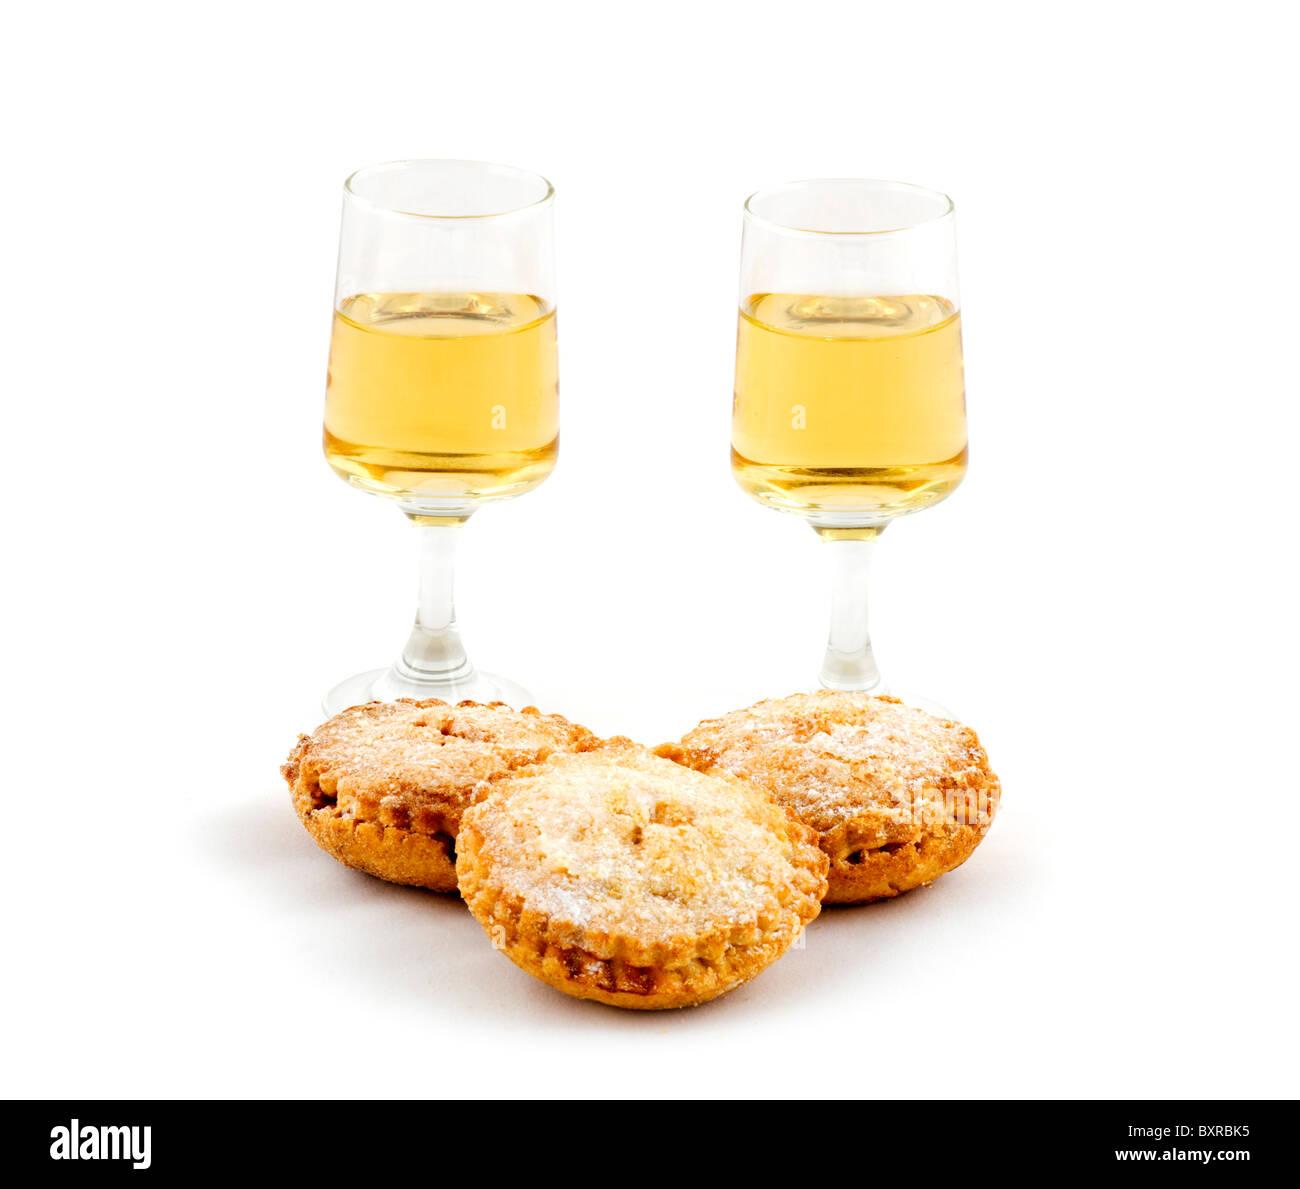 In casa pasticci di carne macinata e due bicchieri di Sherry Amontillado, REGNO UNITO Immagini Stock